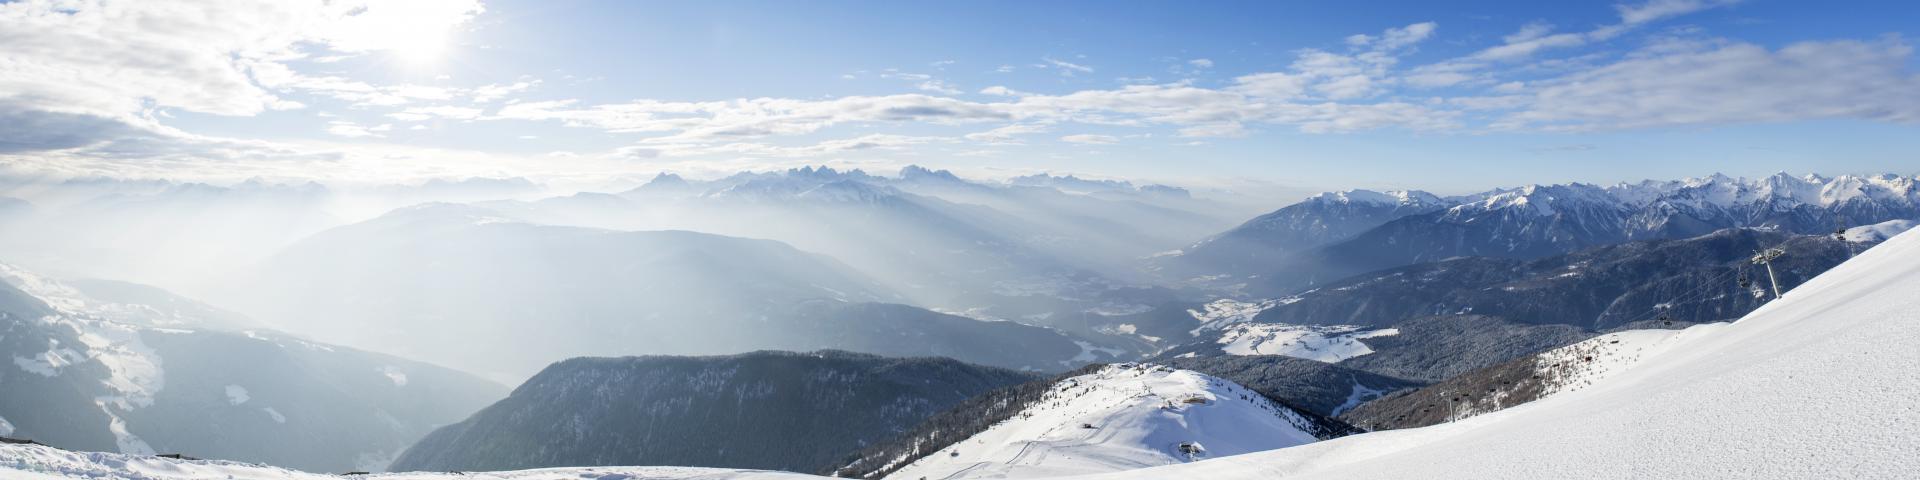 winterpanorama_gitschberg.jpg